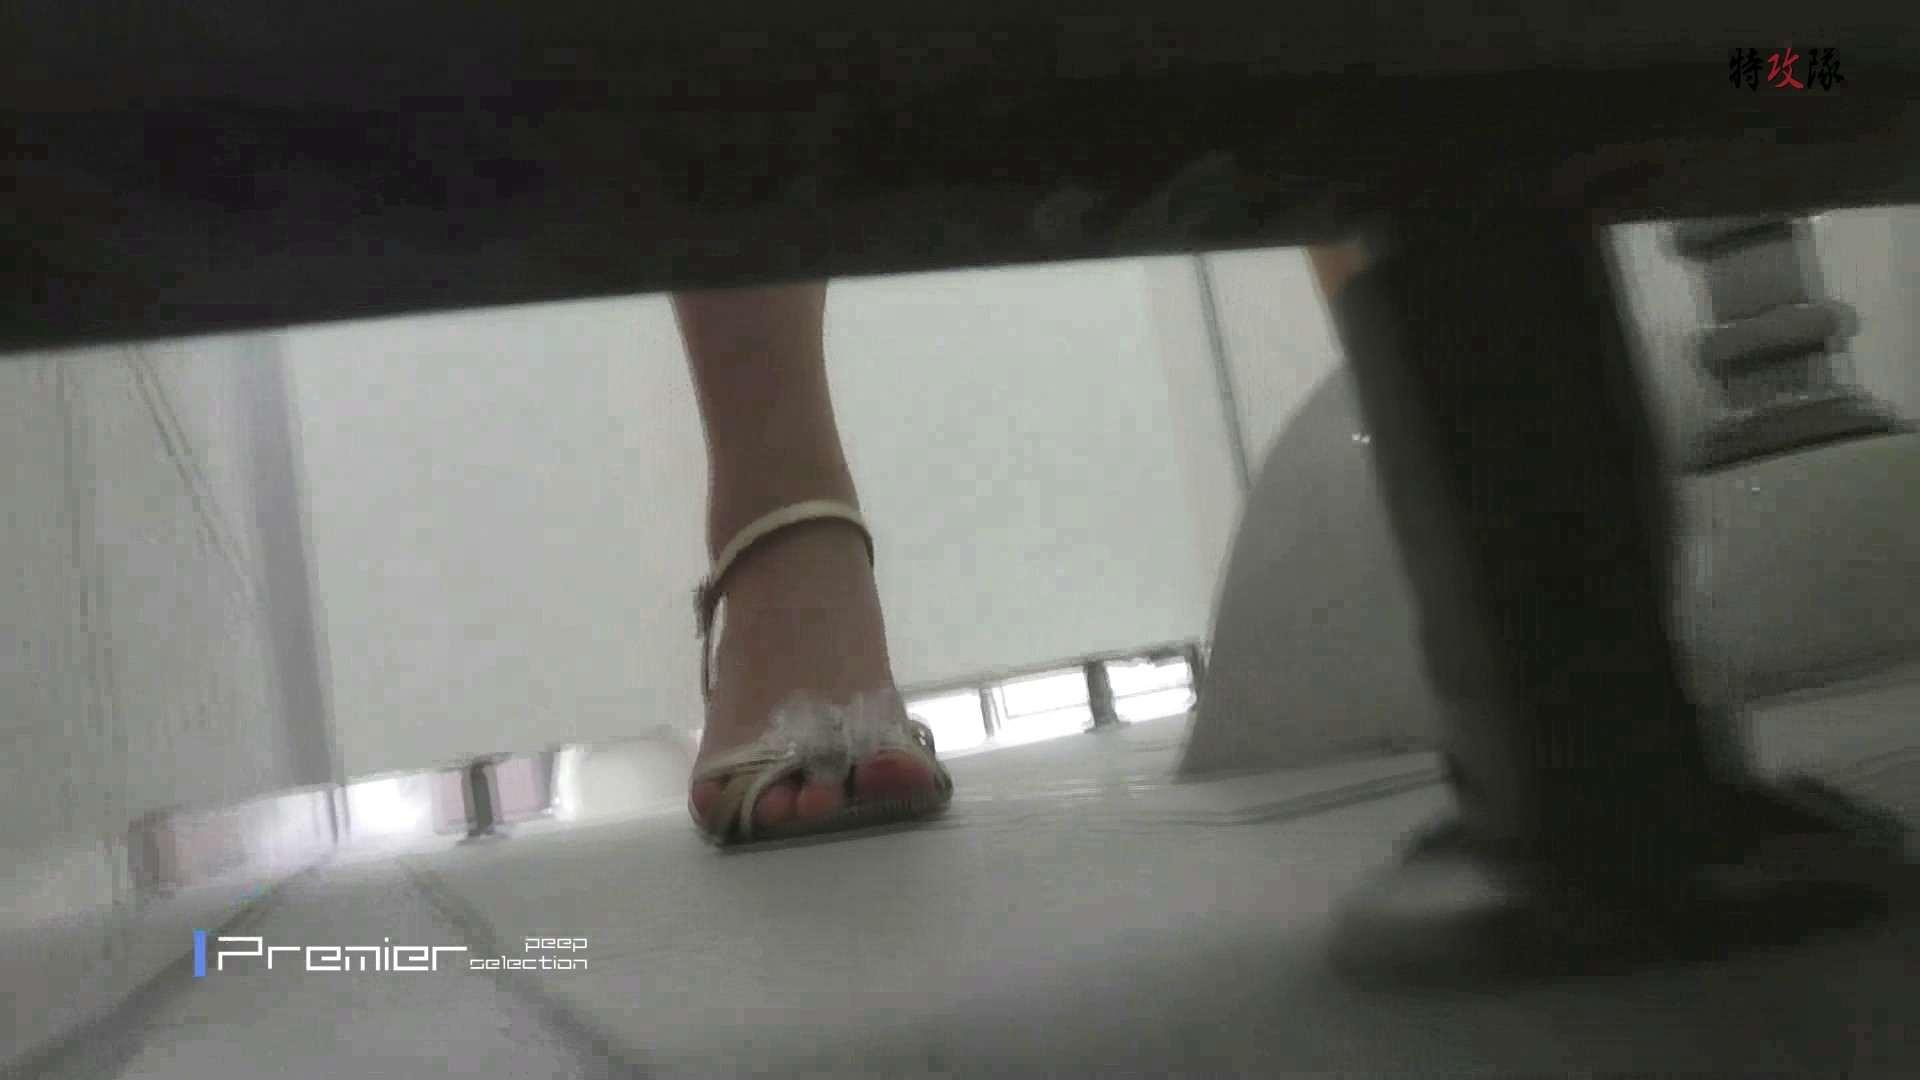 幻14 清楚系女子下半身はジャングル!!撮り師泣かせの密林 トイレ盗撮 高画質 ヌード画像 48画像 17